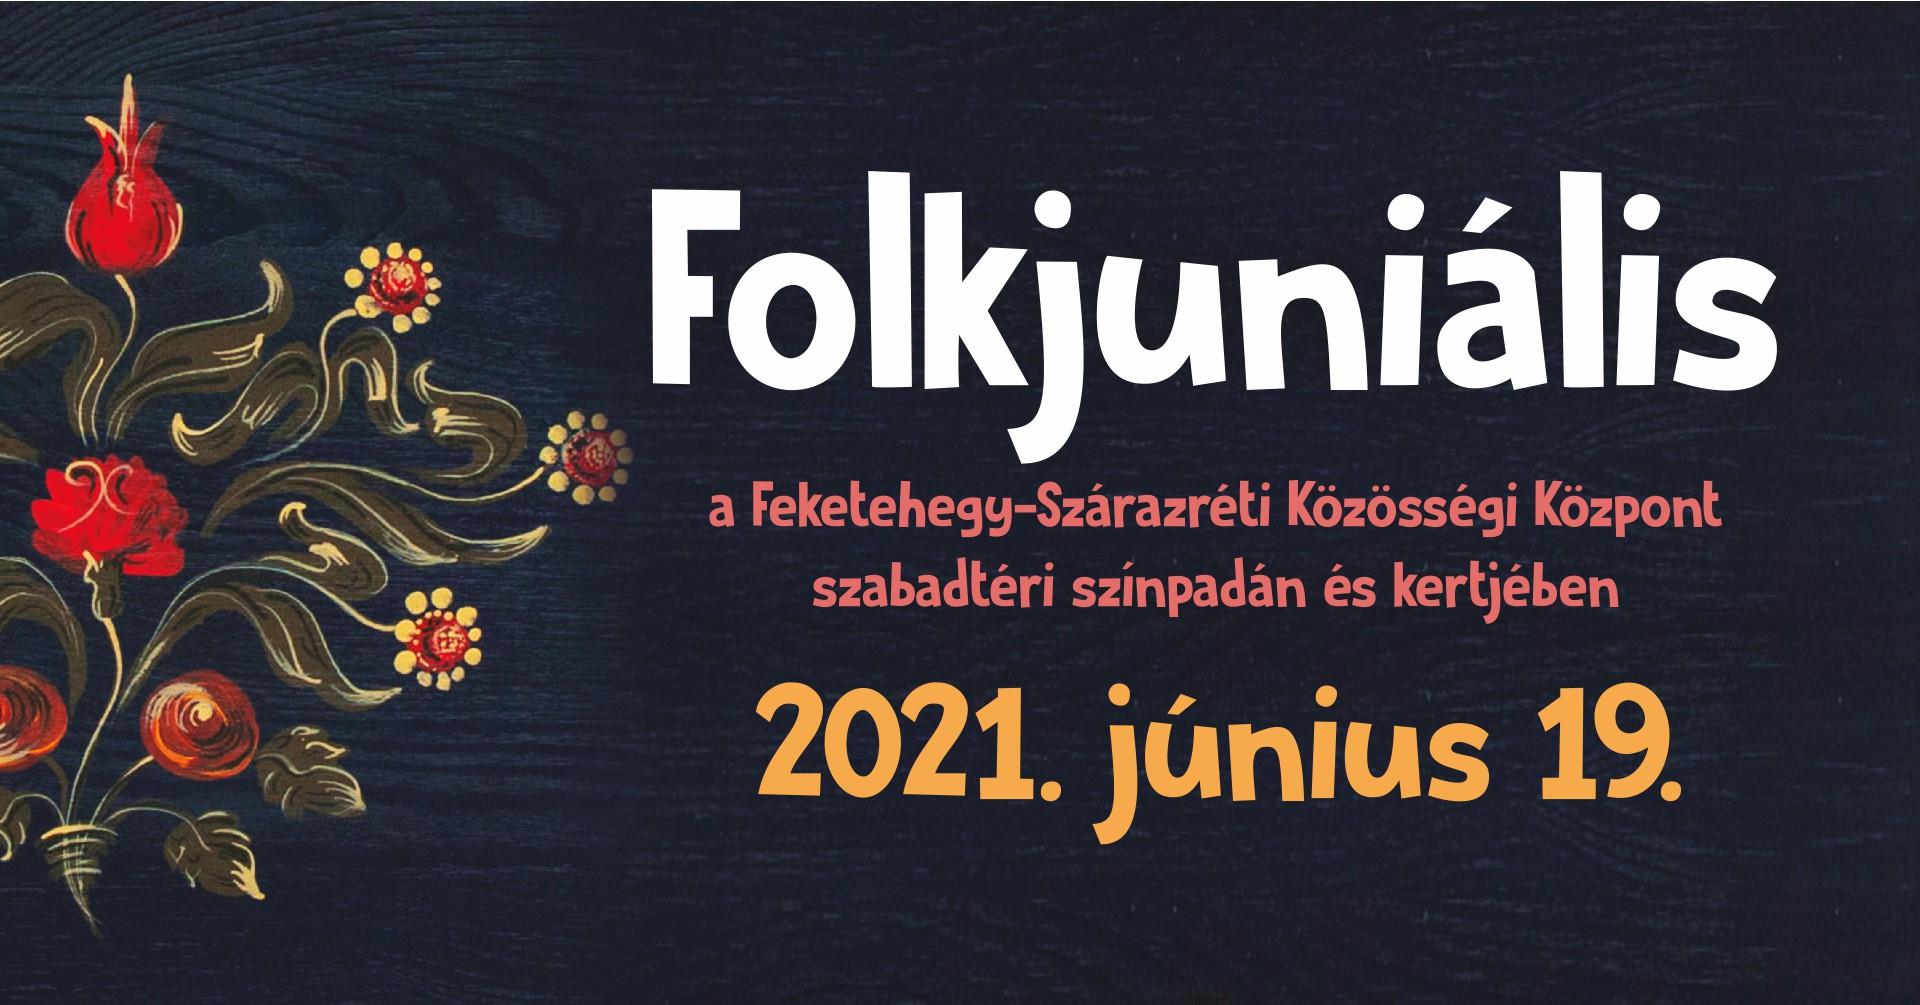 Folkjuniális @ Közösségi Központ – Feketehegy-Szárazréti Kultúrudvar